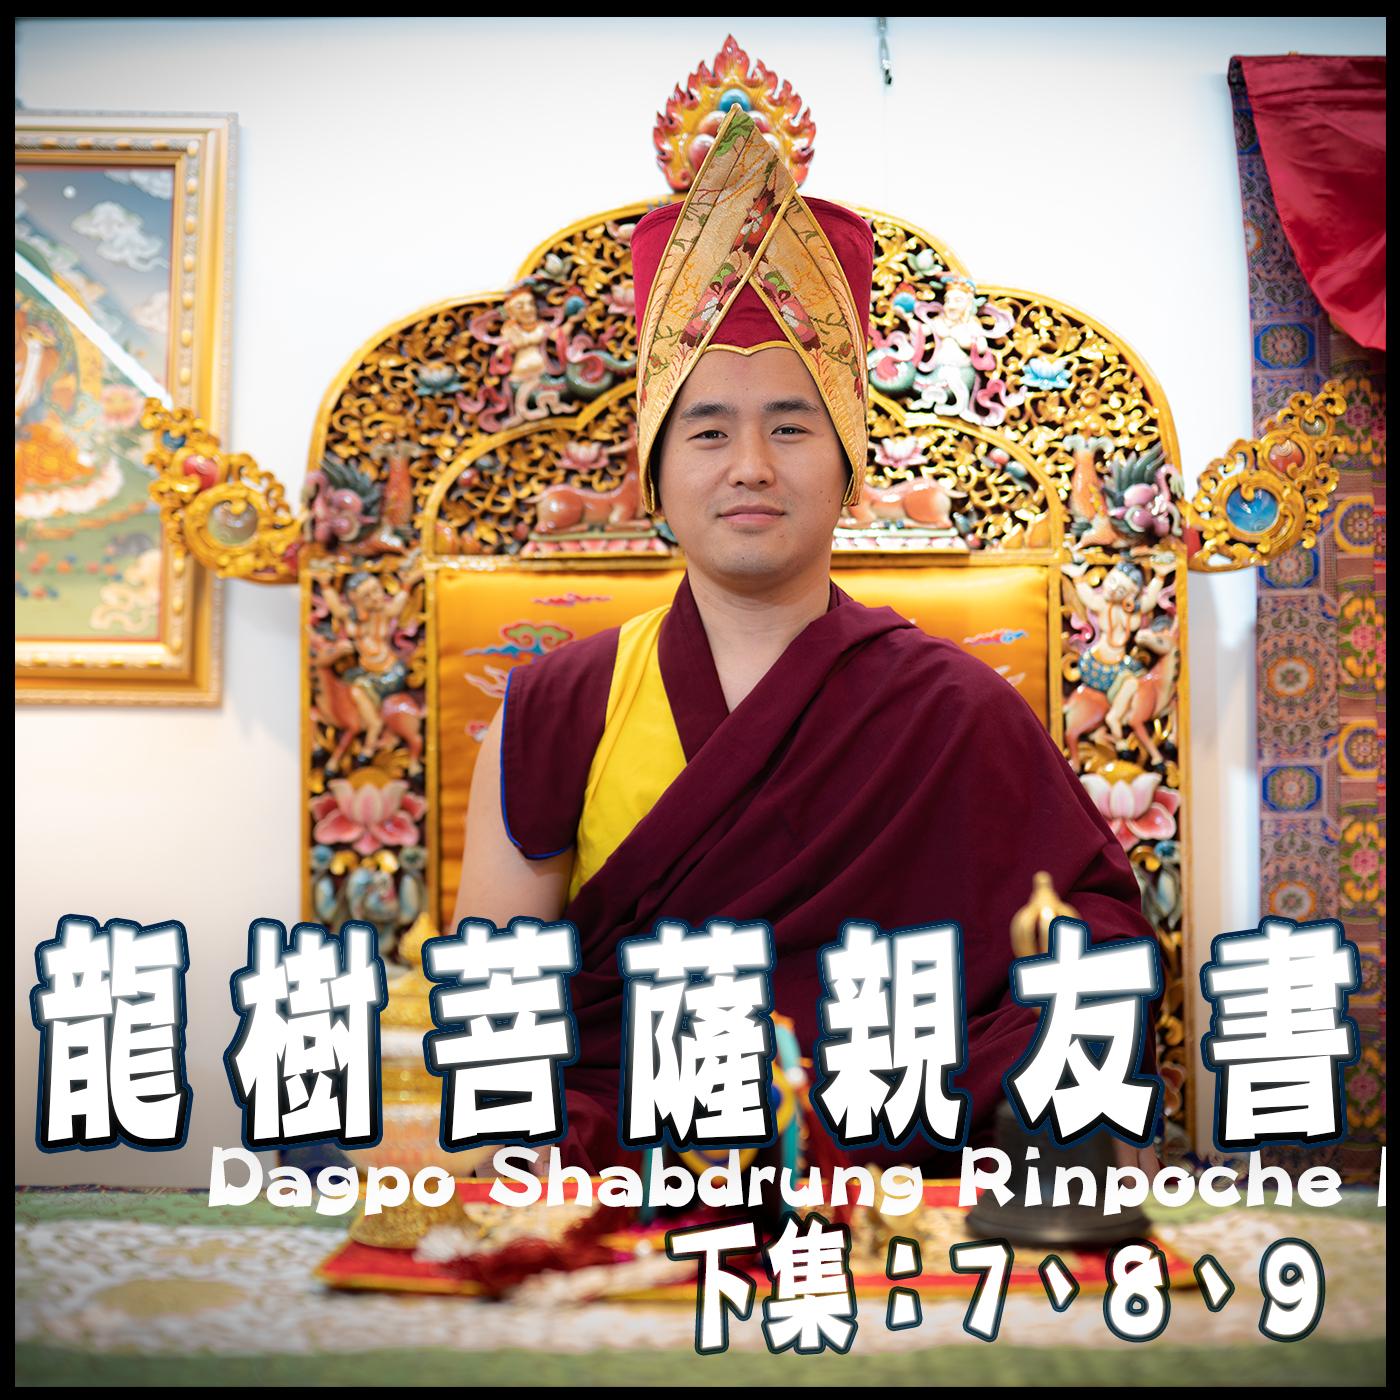 龍樹菩薩親友書(下) Dagpo Shabdrung Rinpoche  達波霞仲仁波切傳講